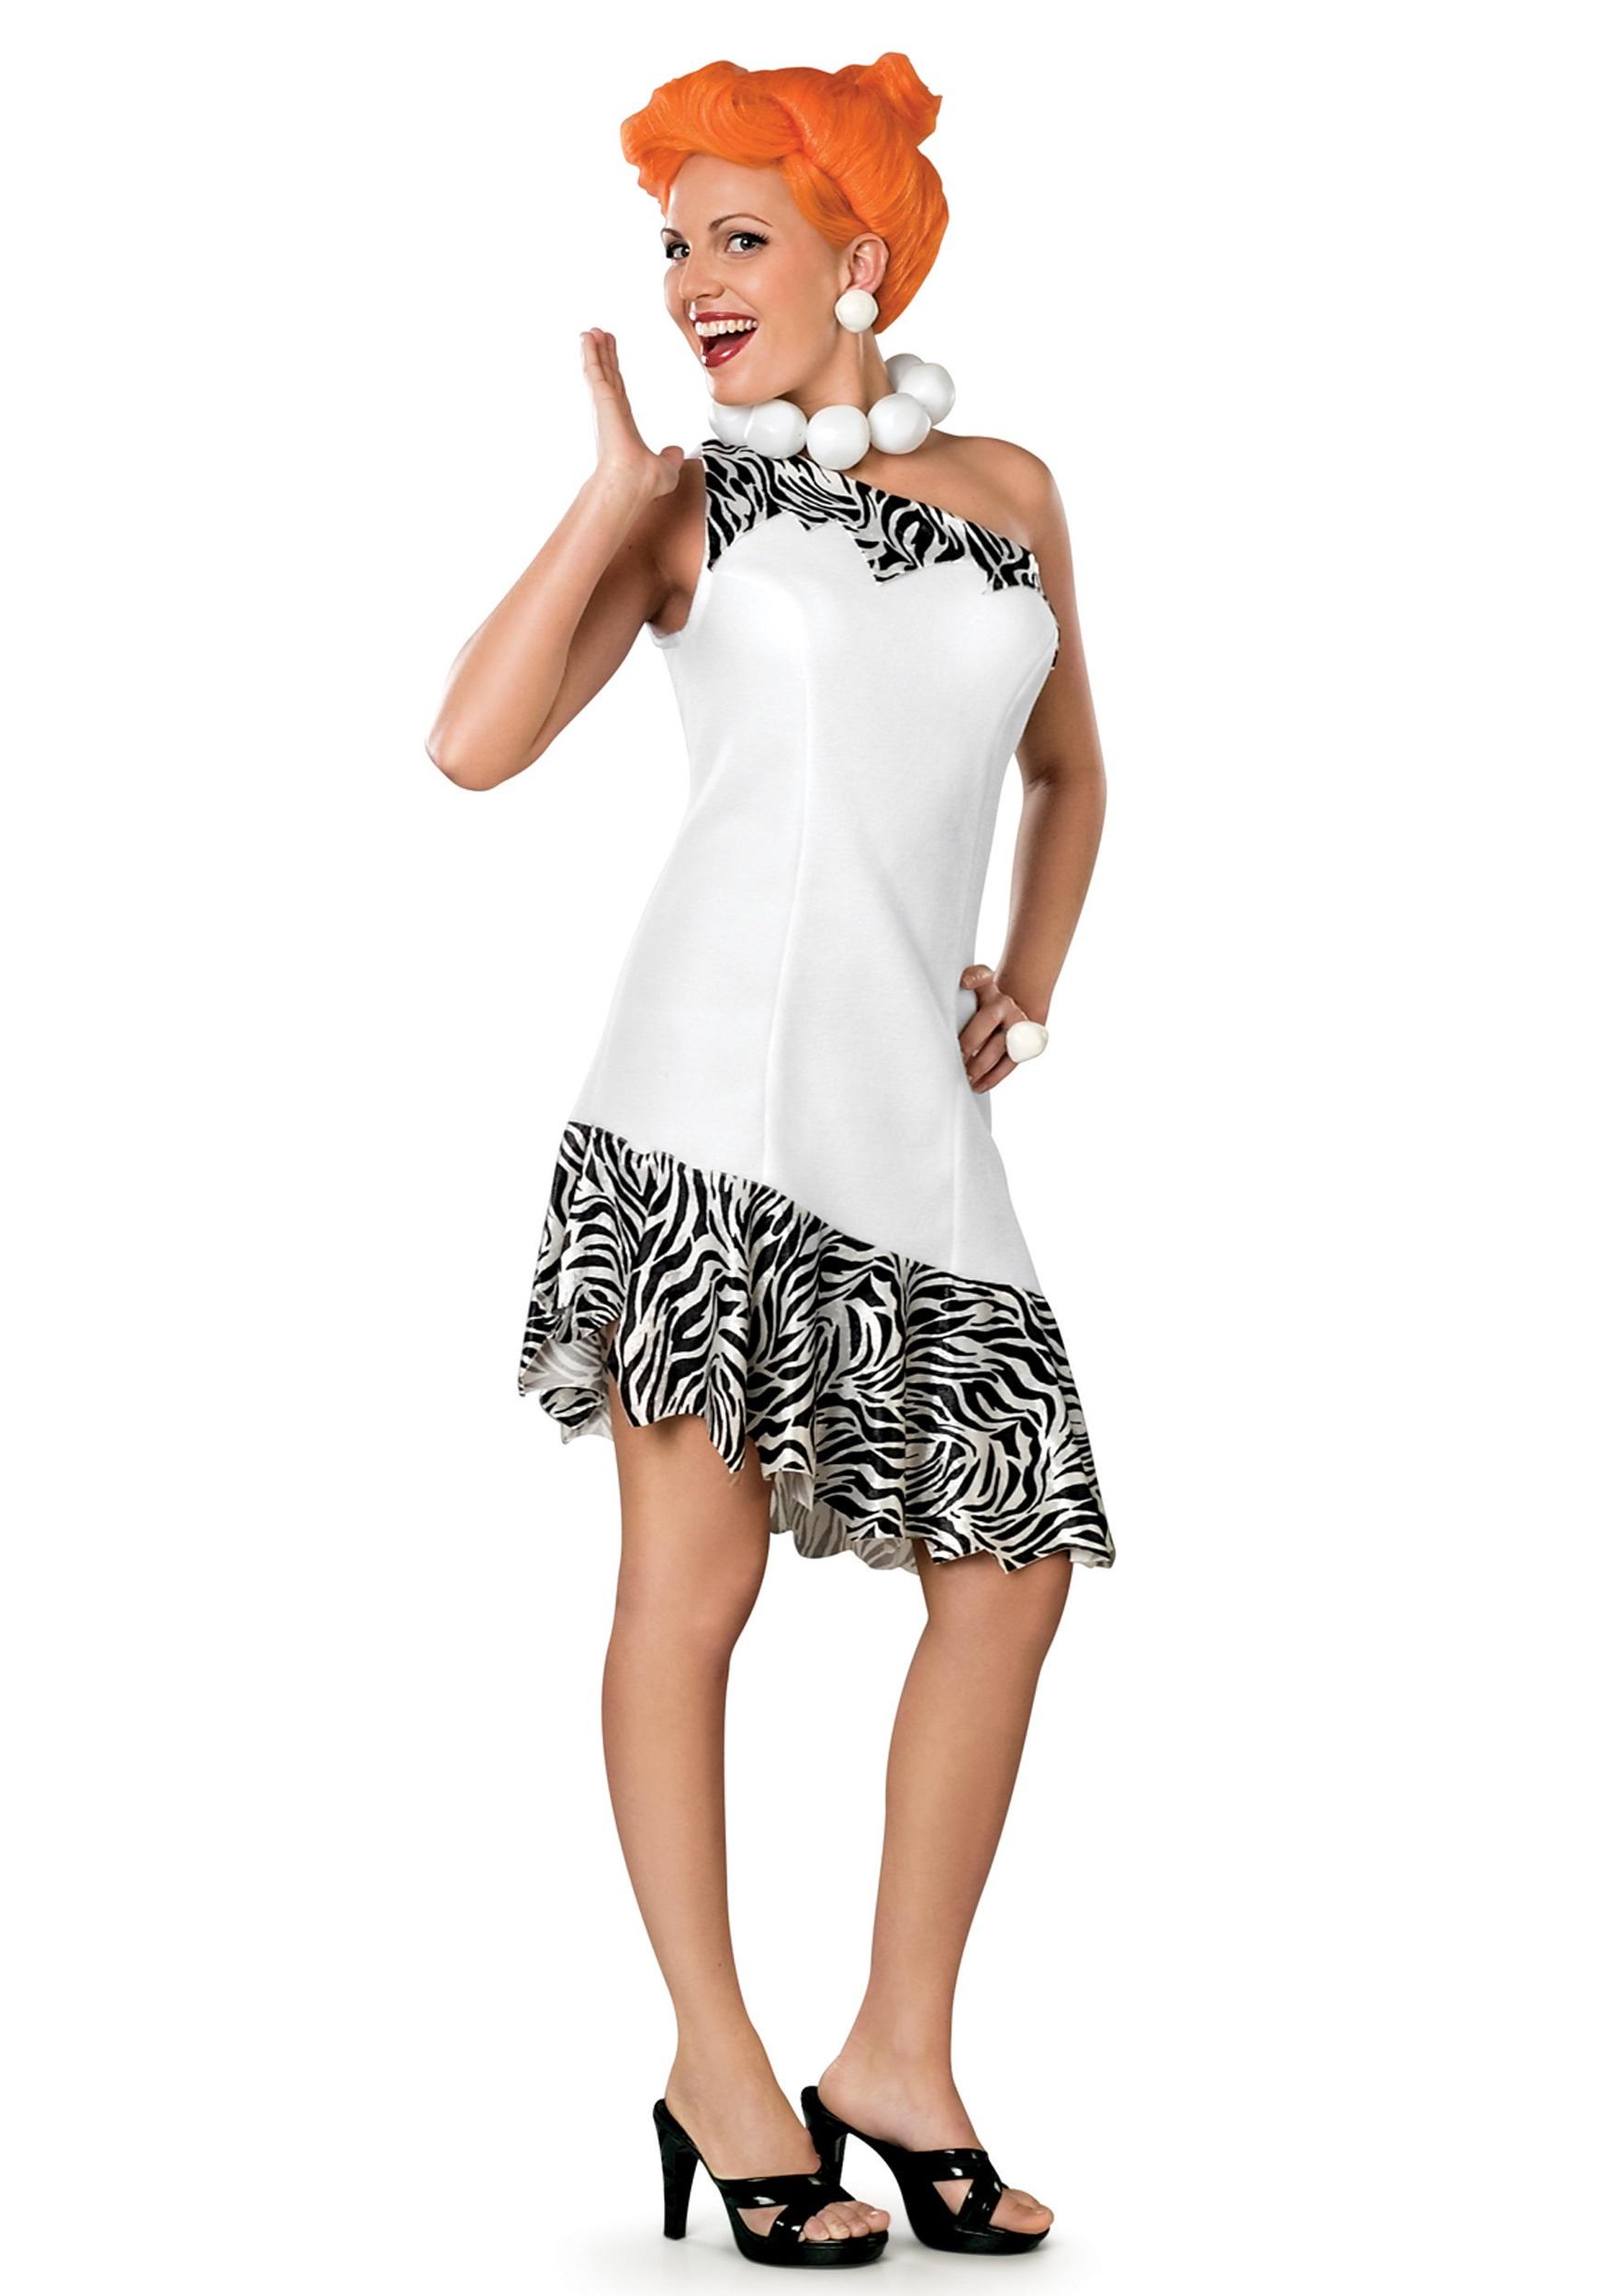 Deluxe Adult Wilma Flintstone Costume